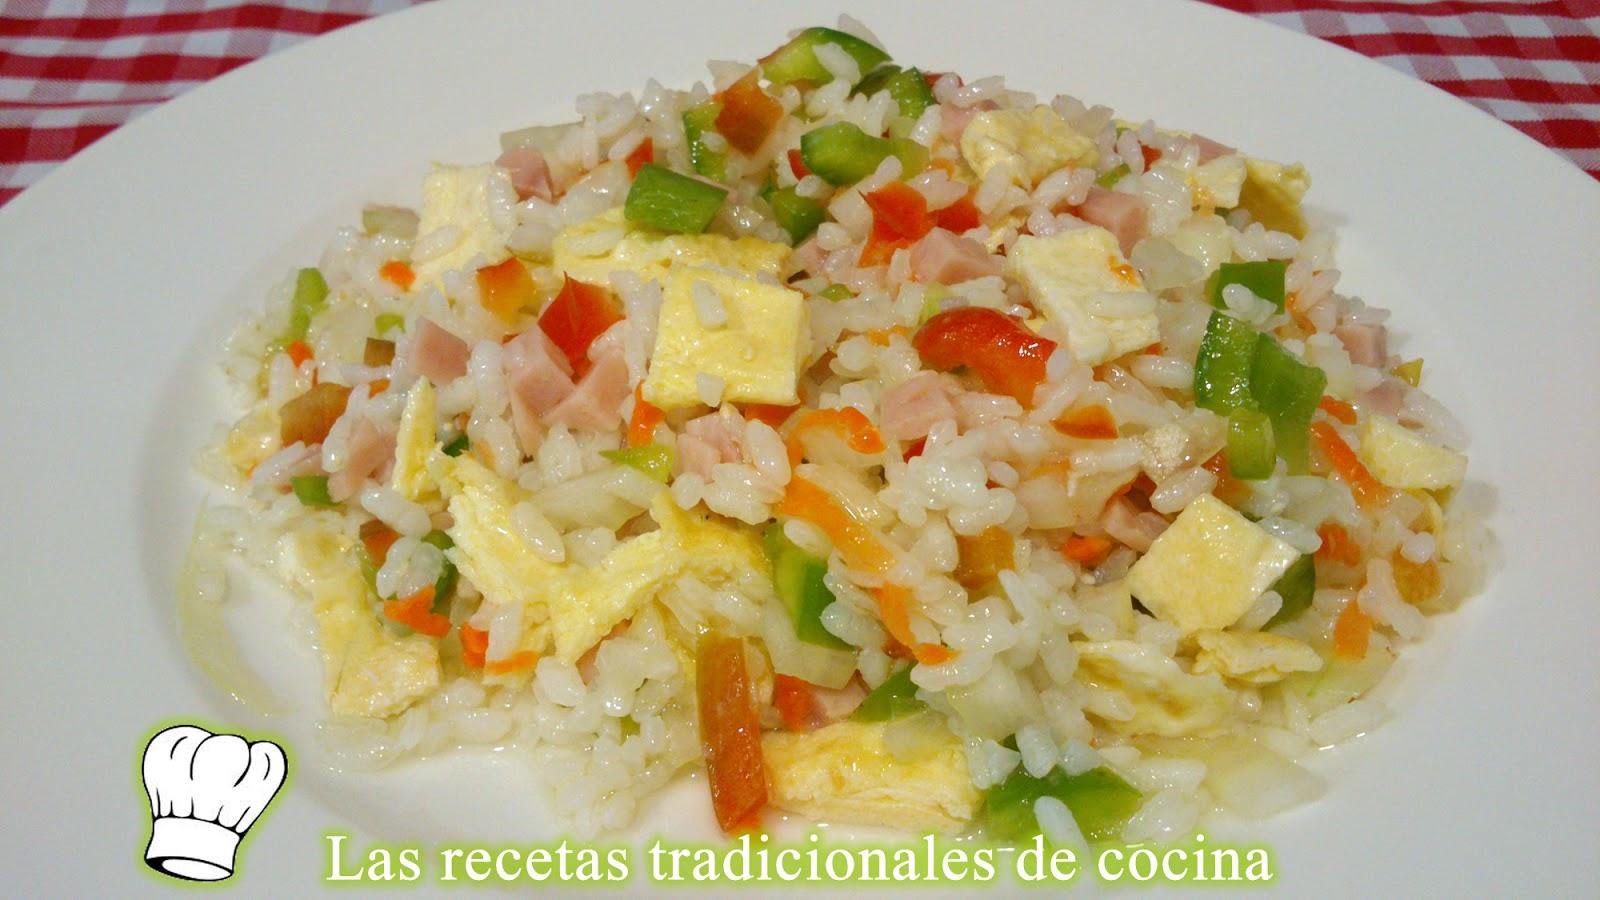 Receta de ensalada de arroz recetas de cocina con sabor - Ensalada de arroz light ...